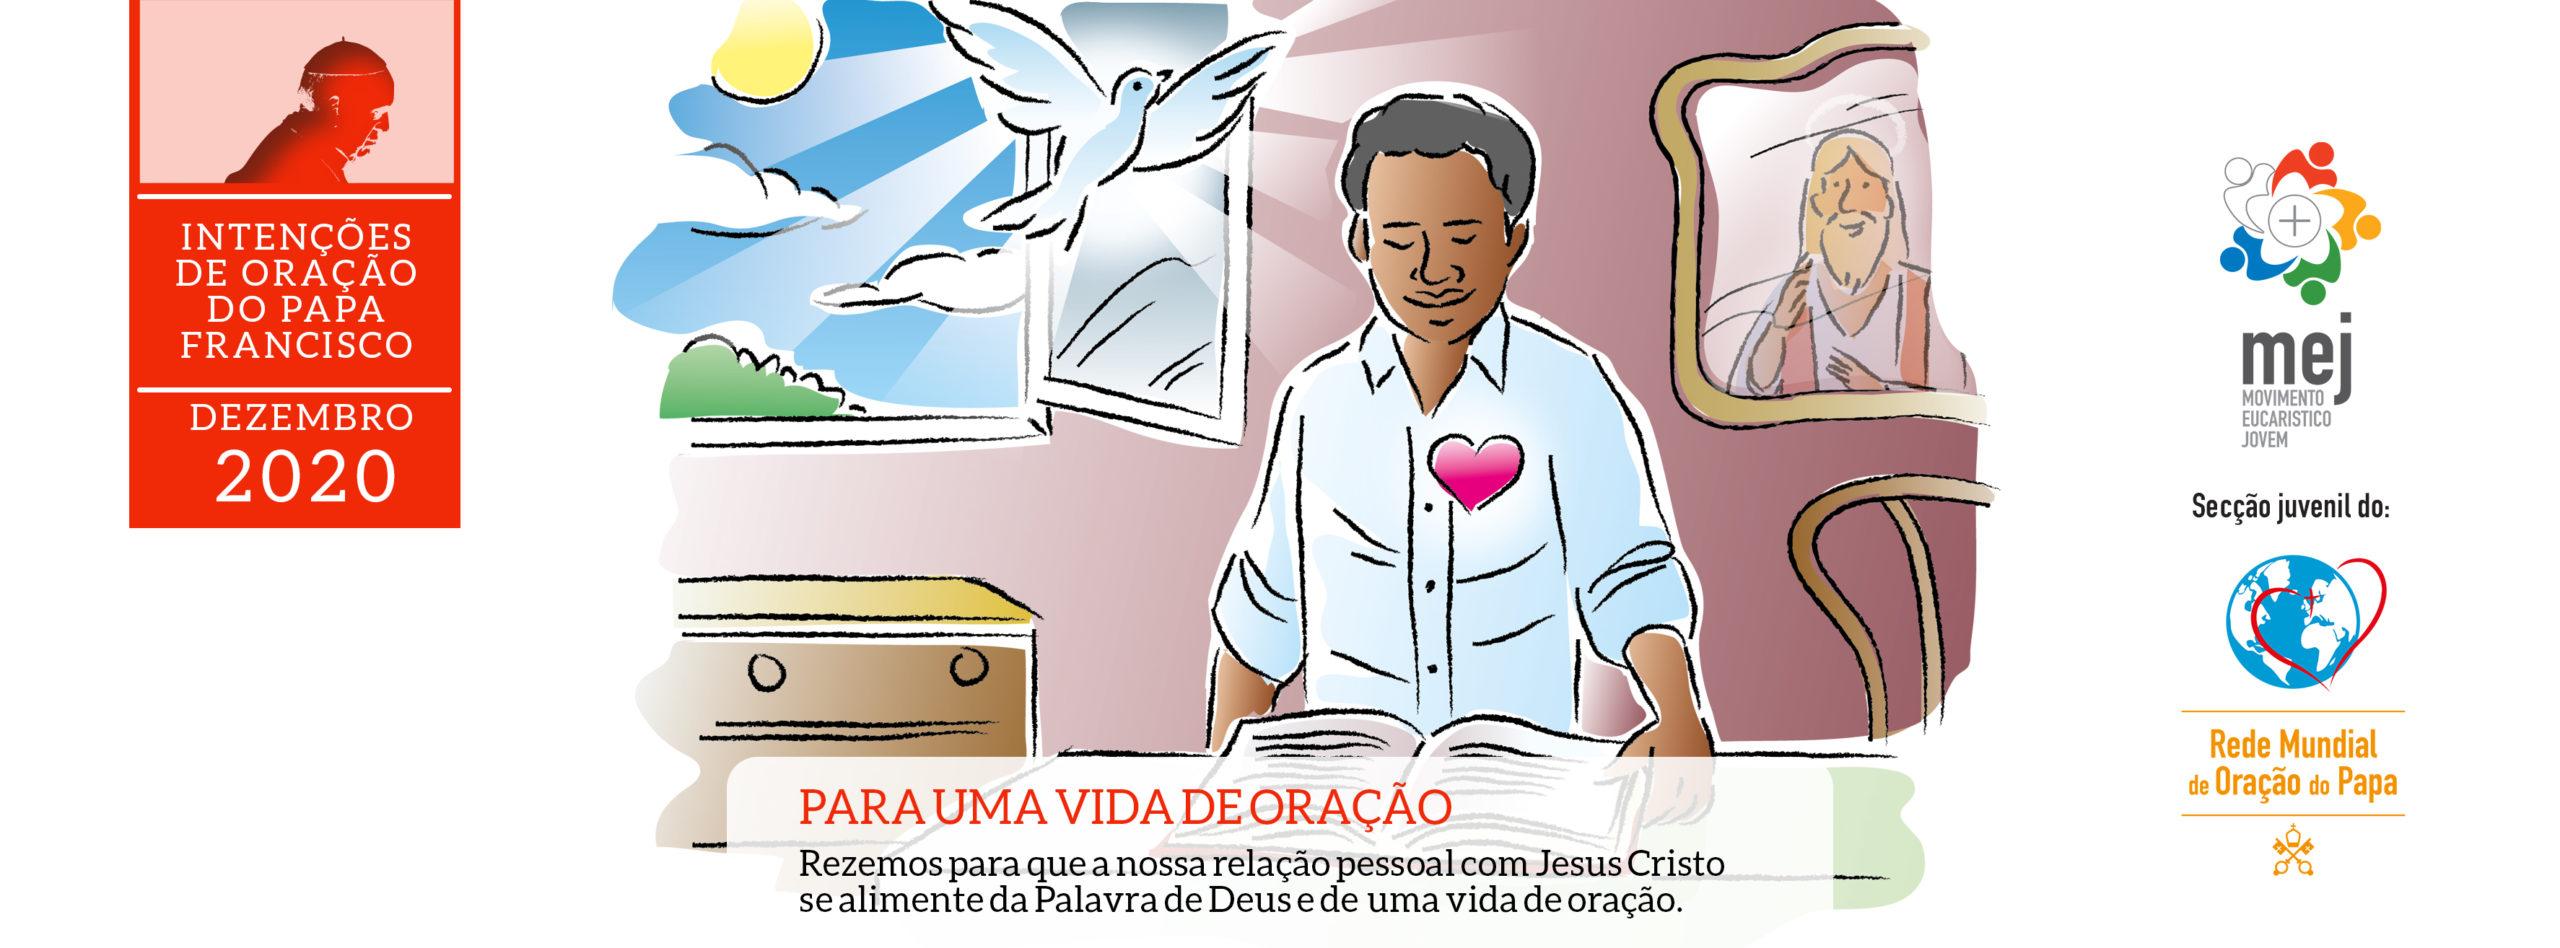 Intenção de oração dezembro 2020 ilustração